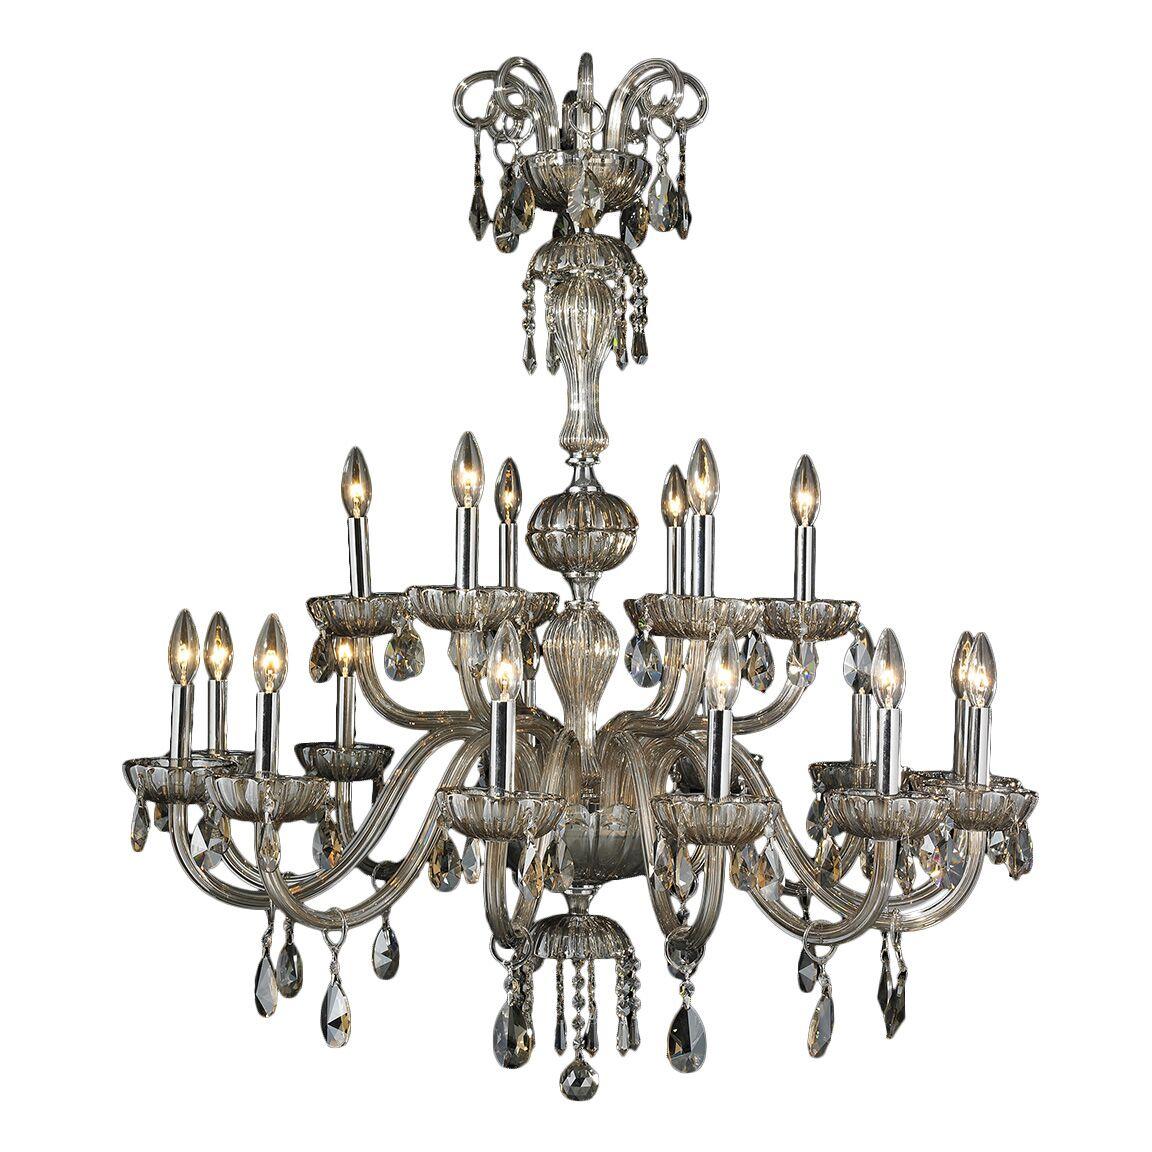 Carbajal 18-Light Candle Style Chandelier Crystal Color: Golden Teak